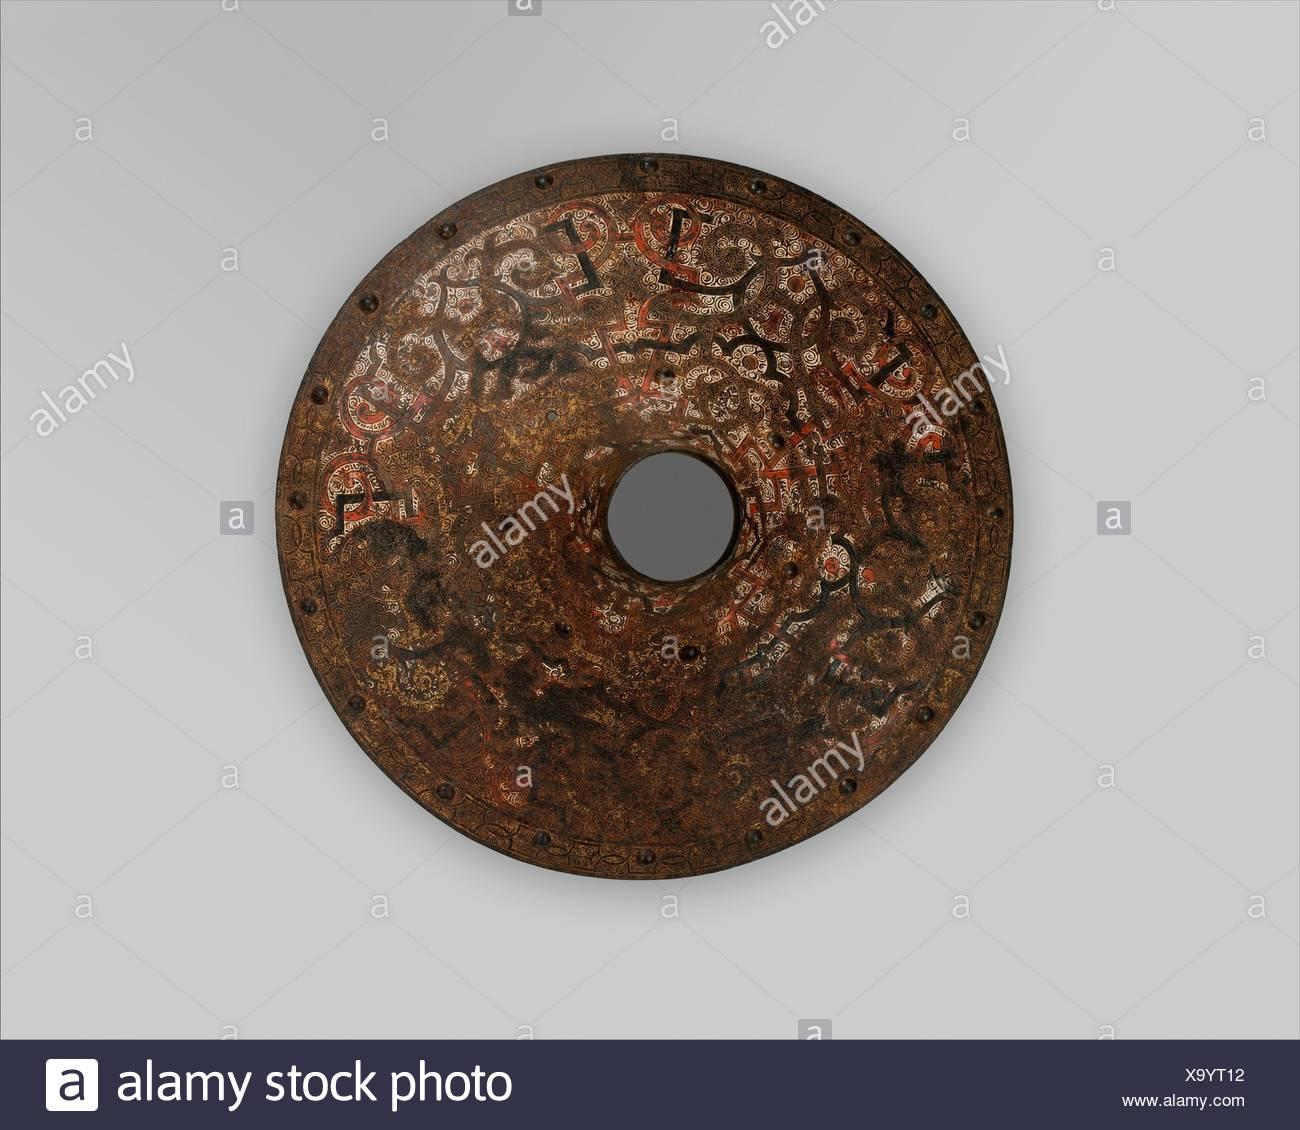 Vamplate Zugehörigkeit zu einer Rüstung für Feld und Turnier bildete für Herzog Nikolaus das Schwarze Radziwill (1515-1565), Herzog von Nesvizh und Olyka, Prinz von Stockbild